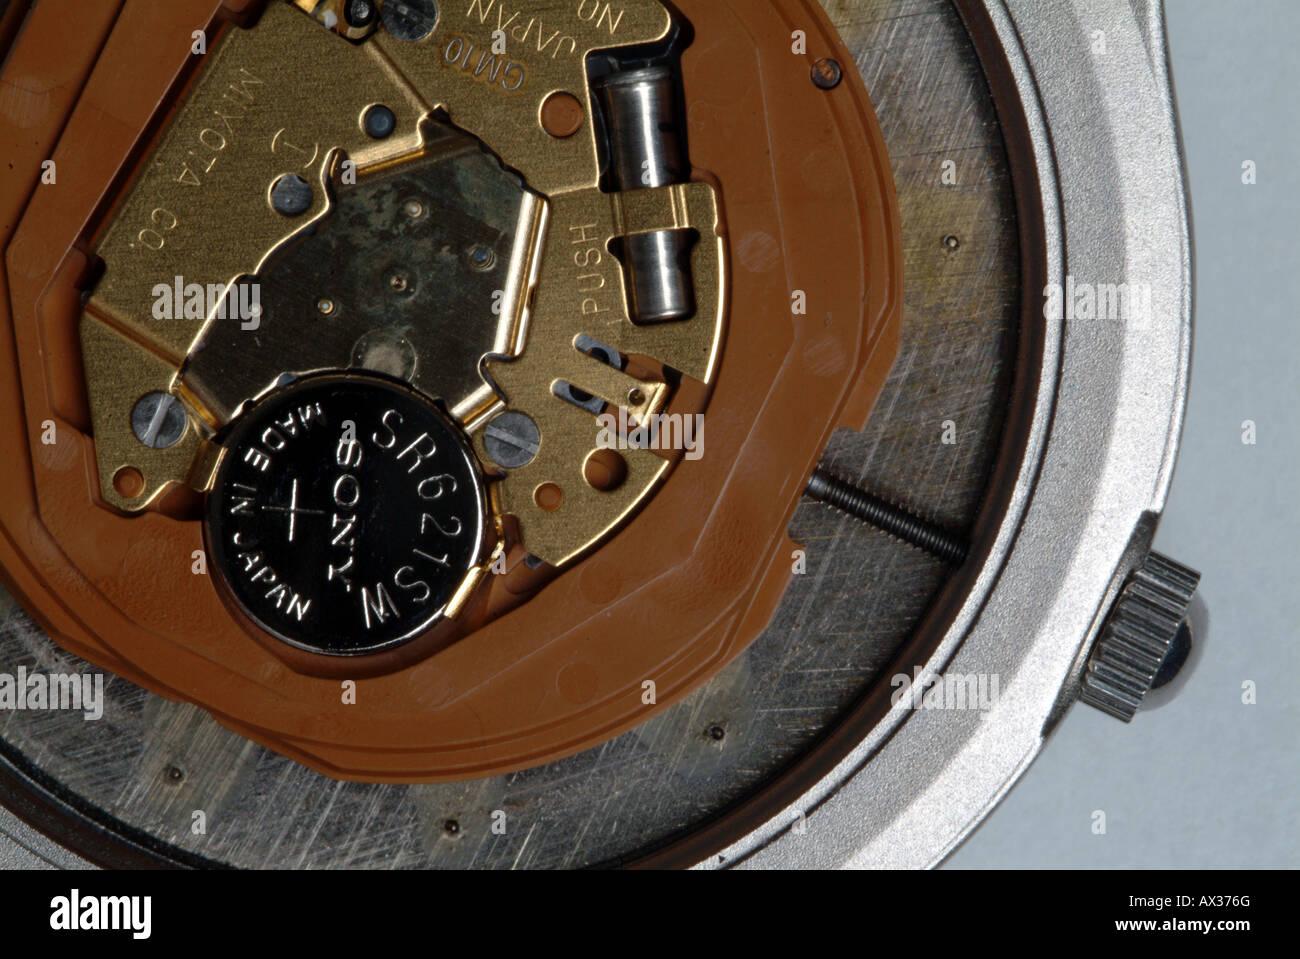 Lithium-Zelle in eine digitale Armbanduhr Stockbild